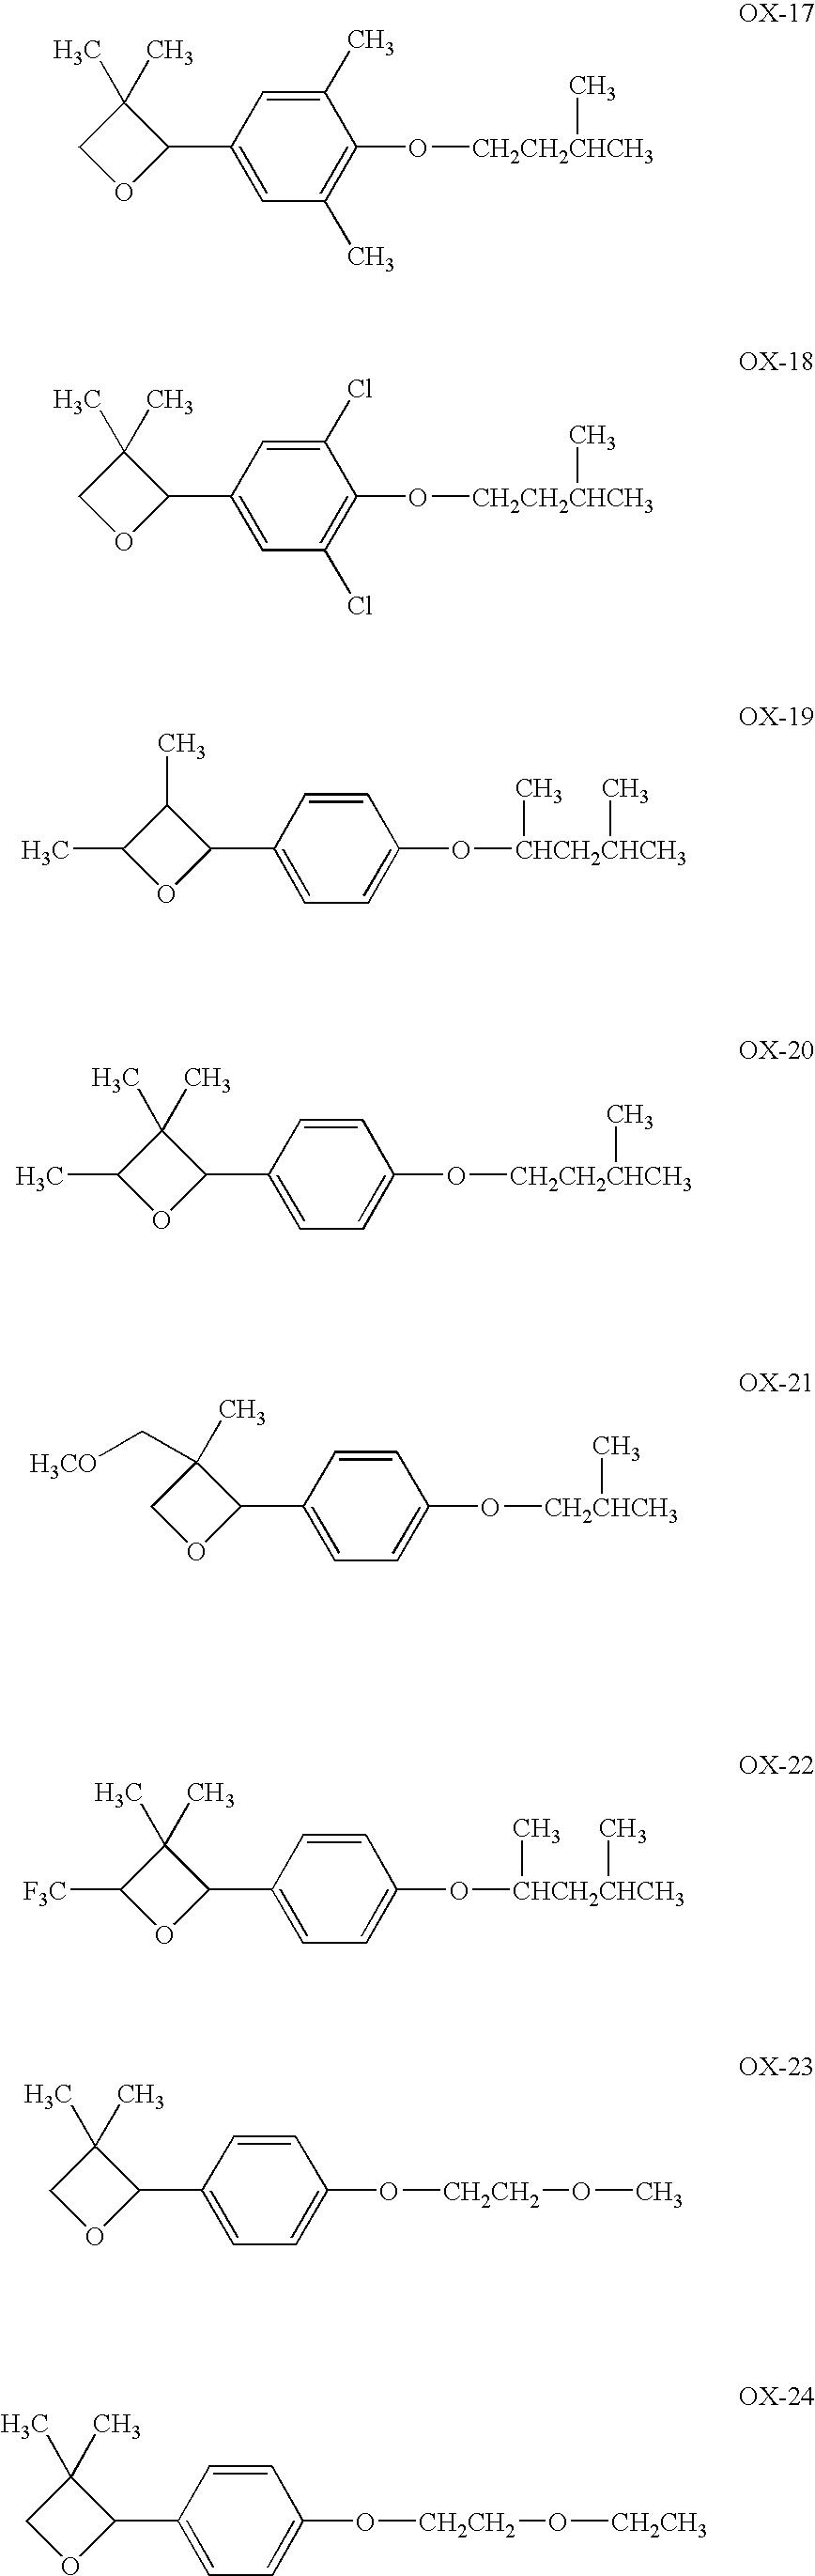 Figure US07360883-20080422-C00012